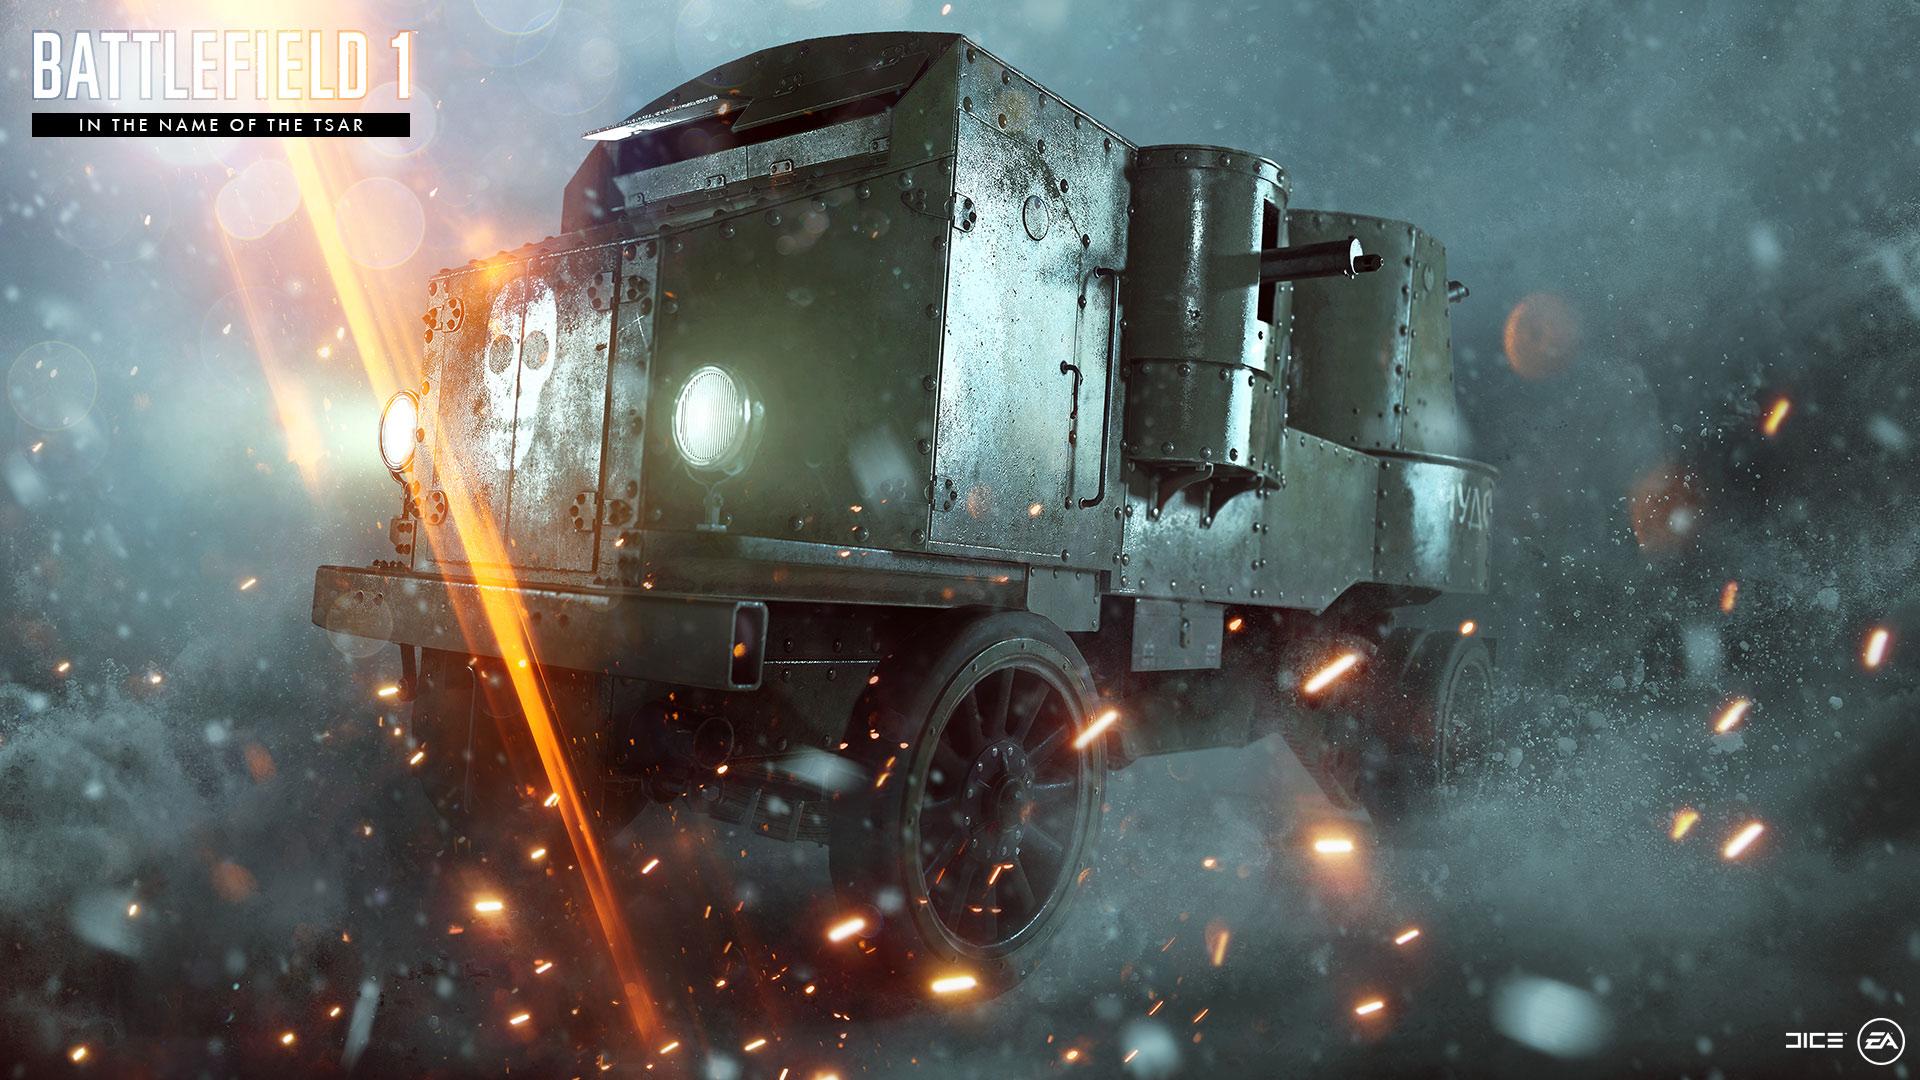 """Названа дата релиза Battlefield 1: """"Во имя царя"""""""